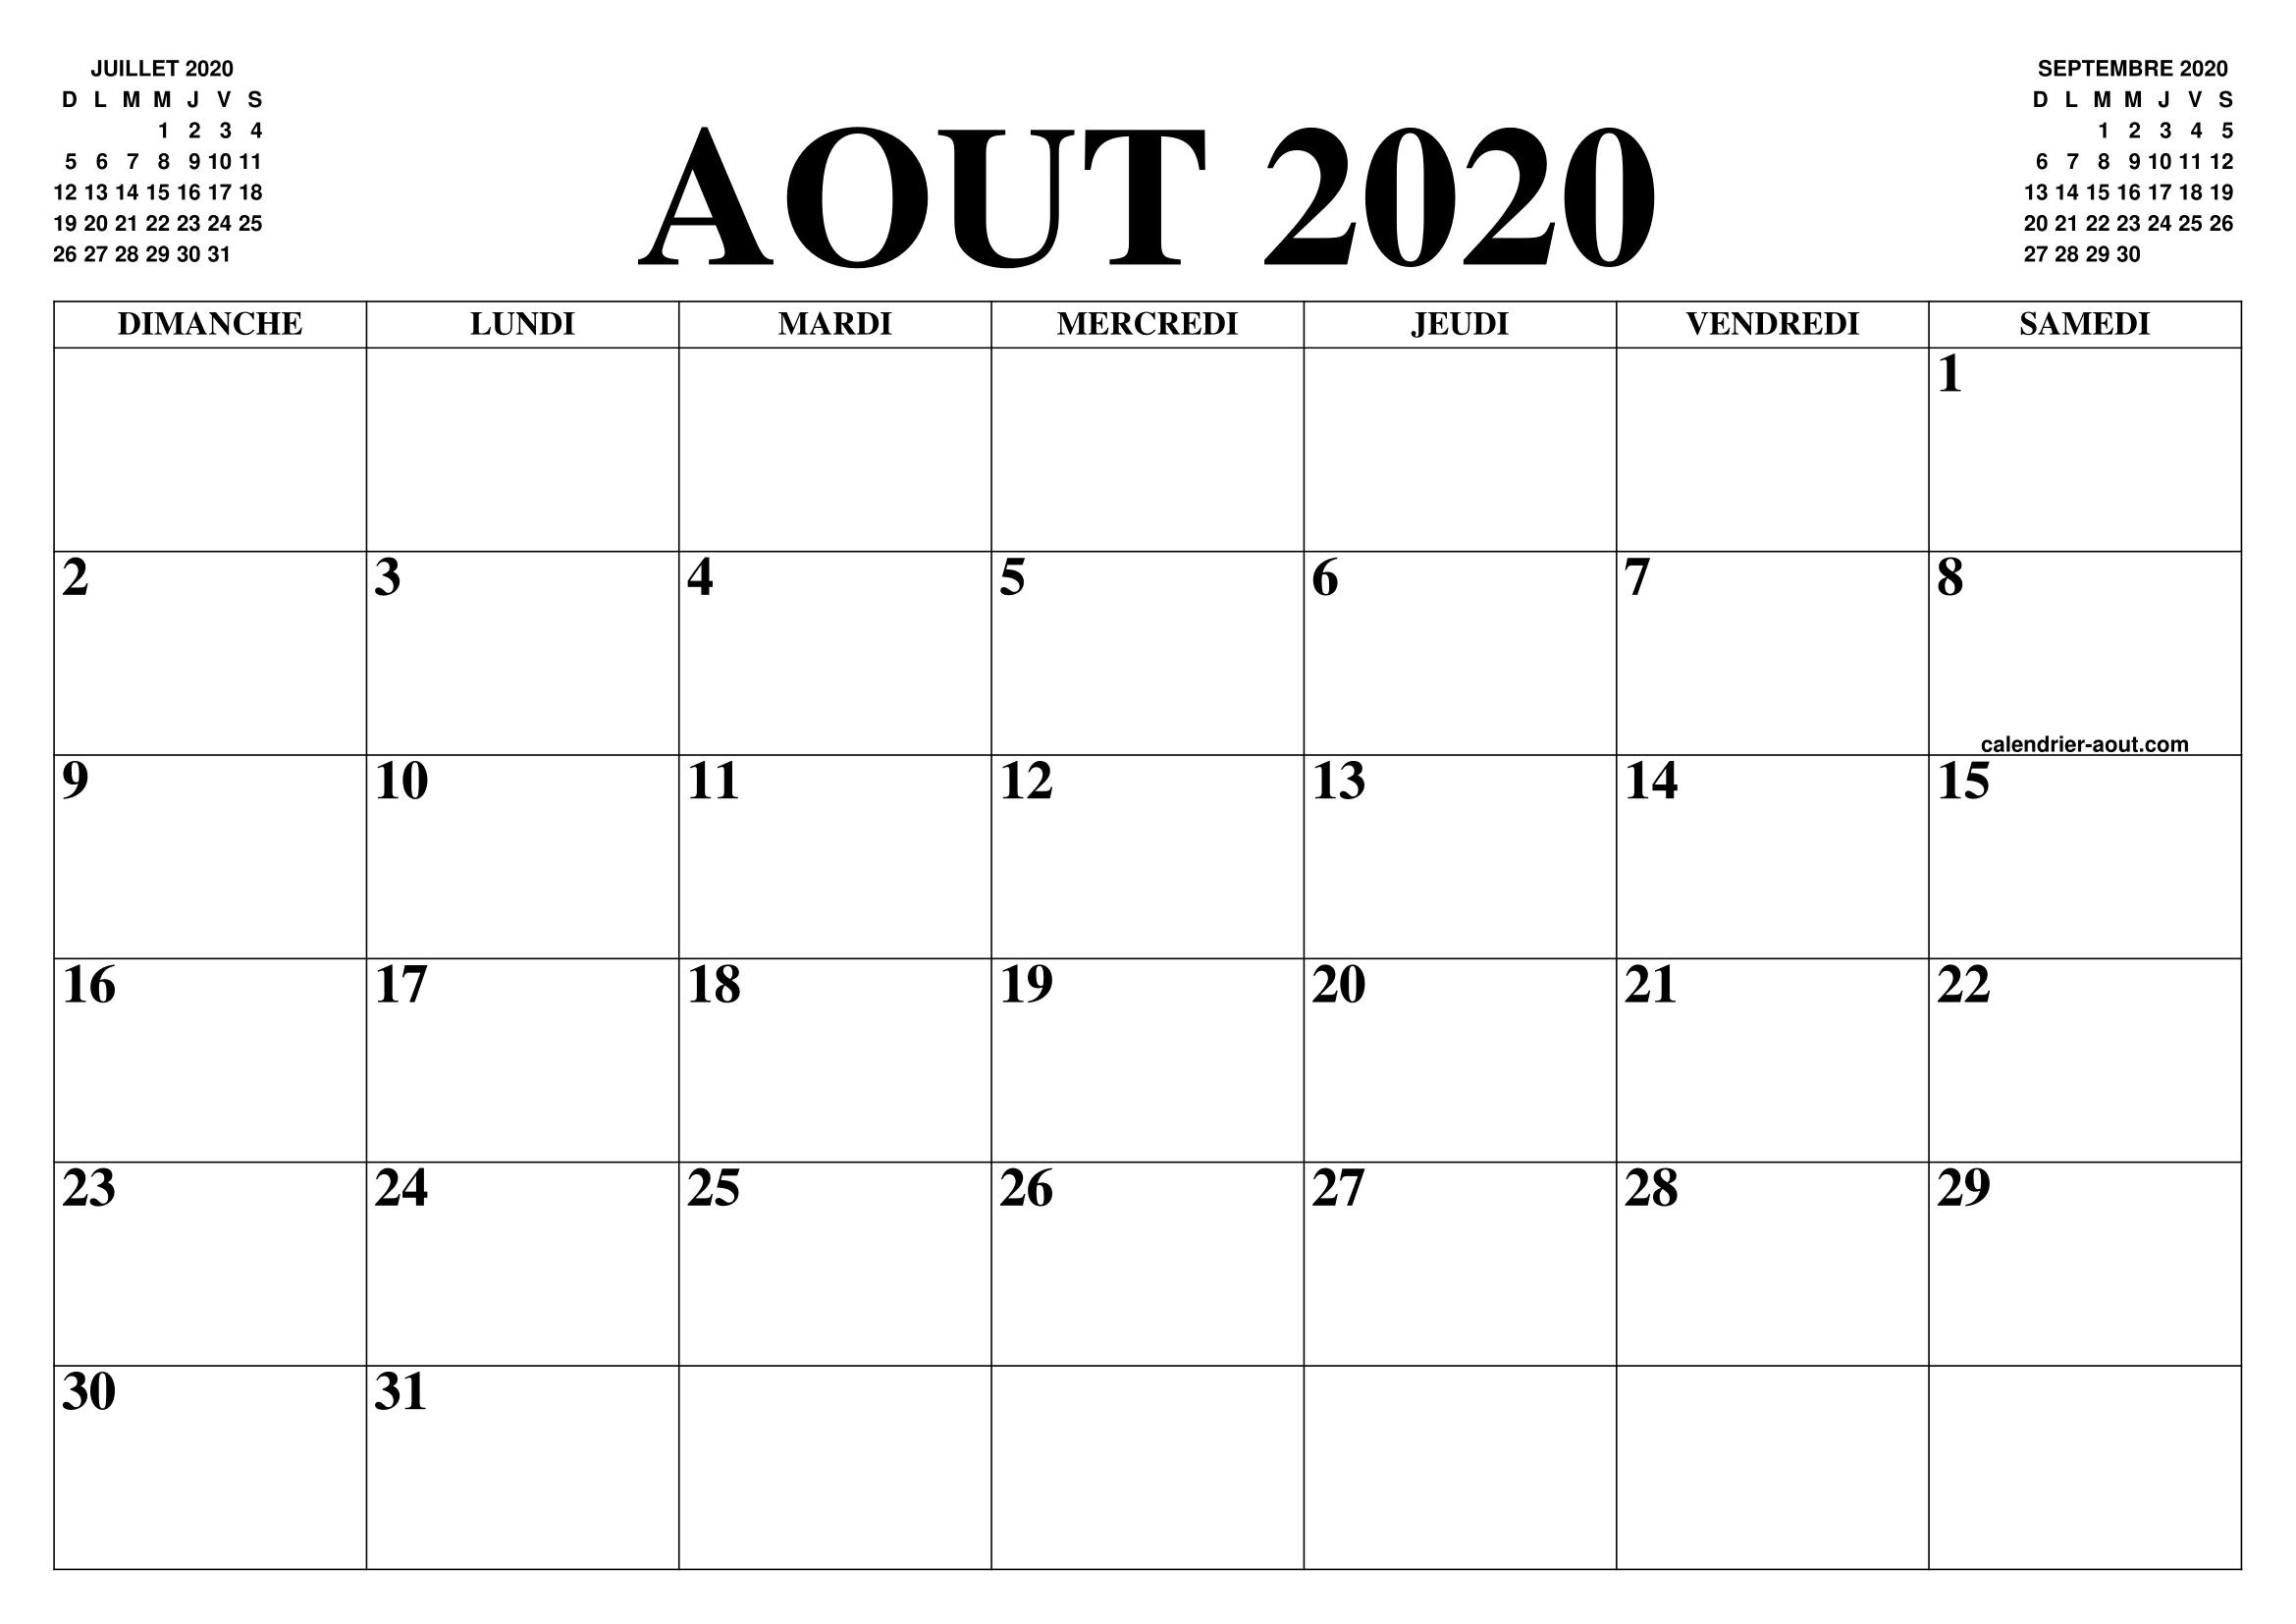 Calendrier Juillet2020.Calendrier Aout 2020 Le Calendrier Du Mois De Aout Gratuit